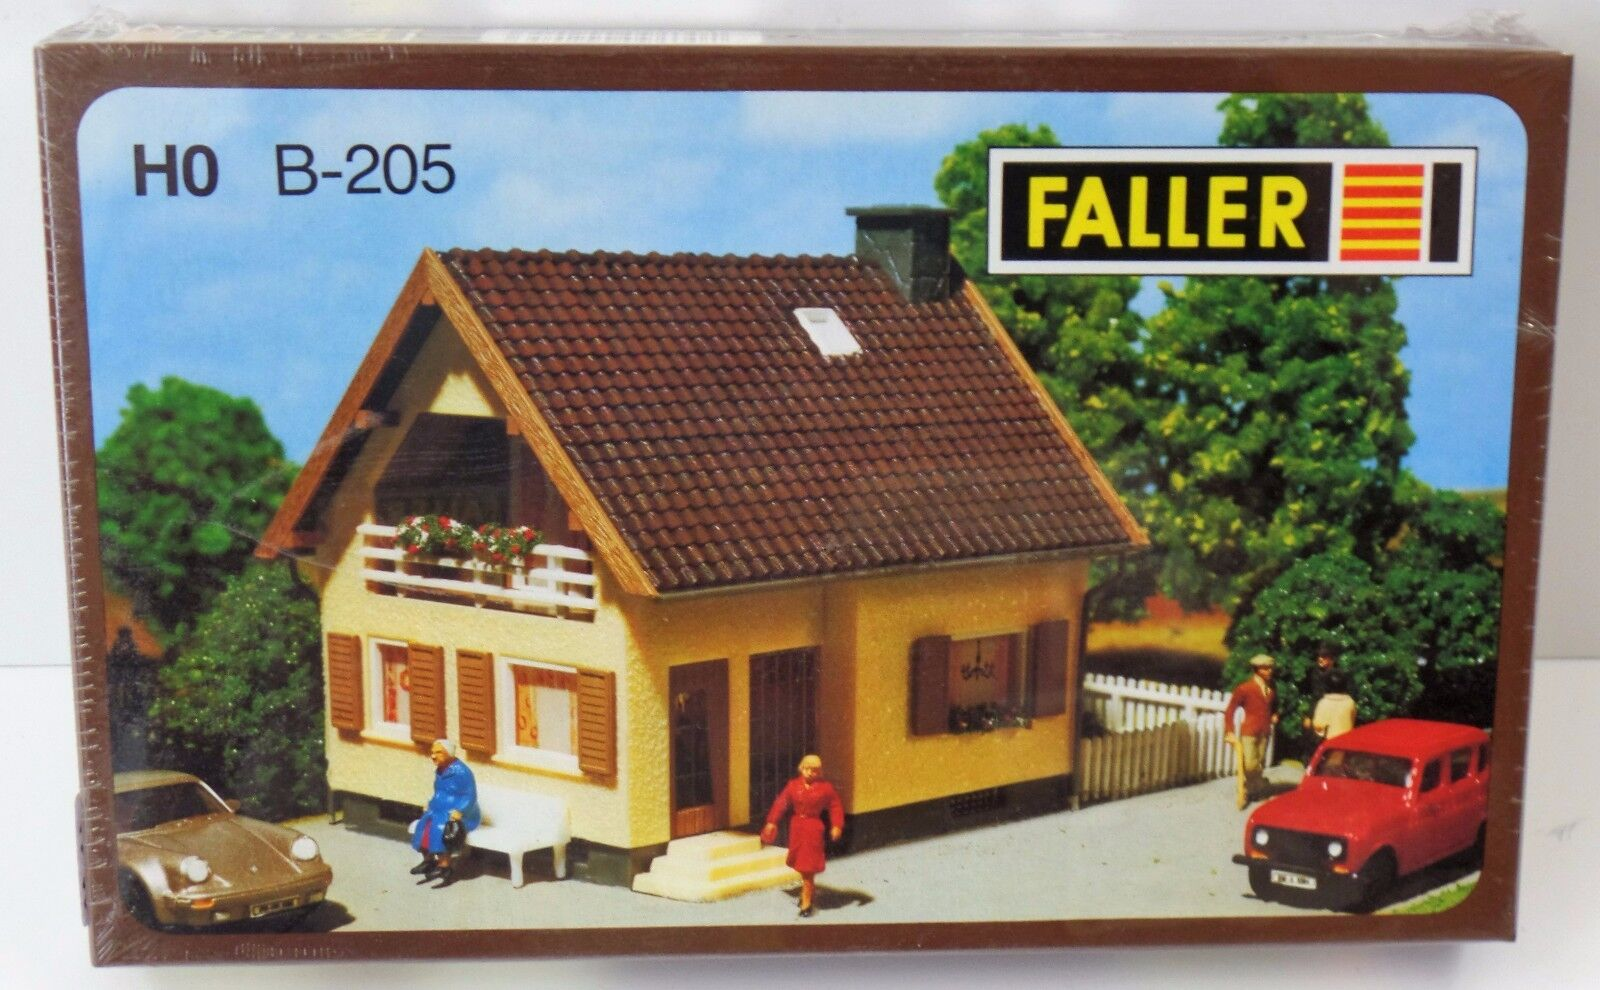 Faller H0 Einfamilienhaus mit Loggia B-205 - OVP NEU NEW  | Exquisite Handwerkskunst